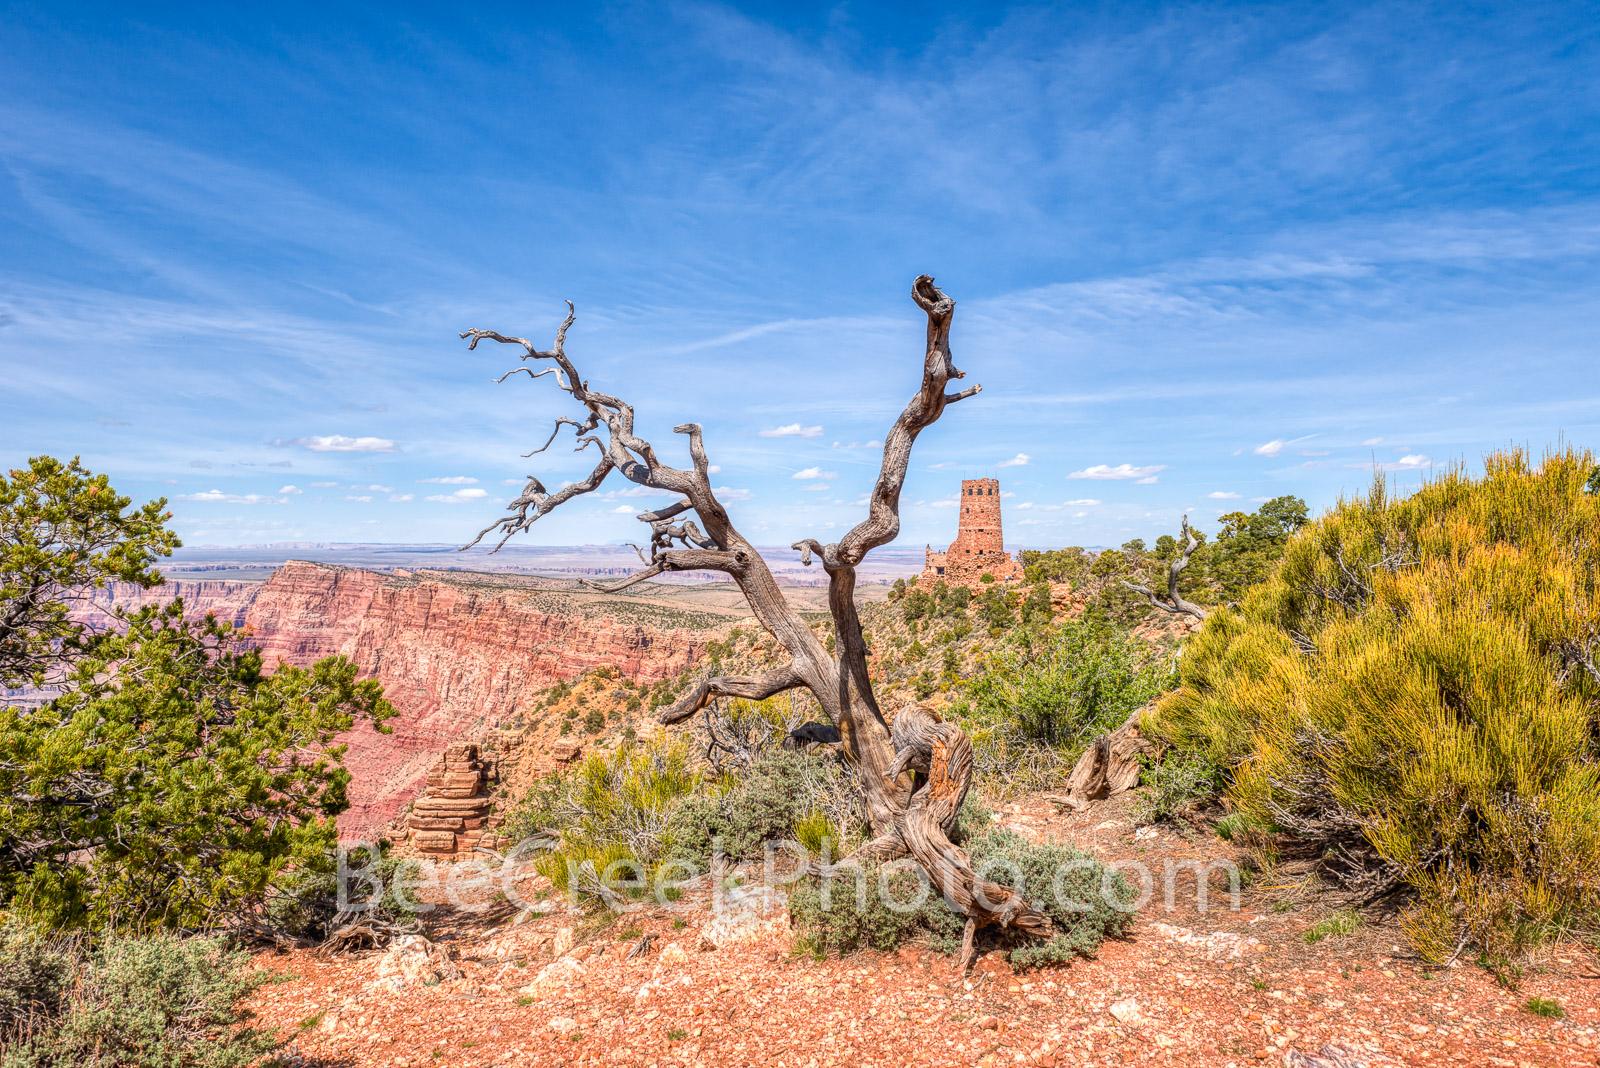 Grand Canyon, Grand Canyons, Arizona, Grand Canyon National Park, watchtower, pictures of grand canyons, image of grand canyons, desert, desert southwest, arizona desert, arizona scenery, , photo